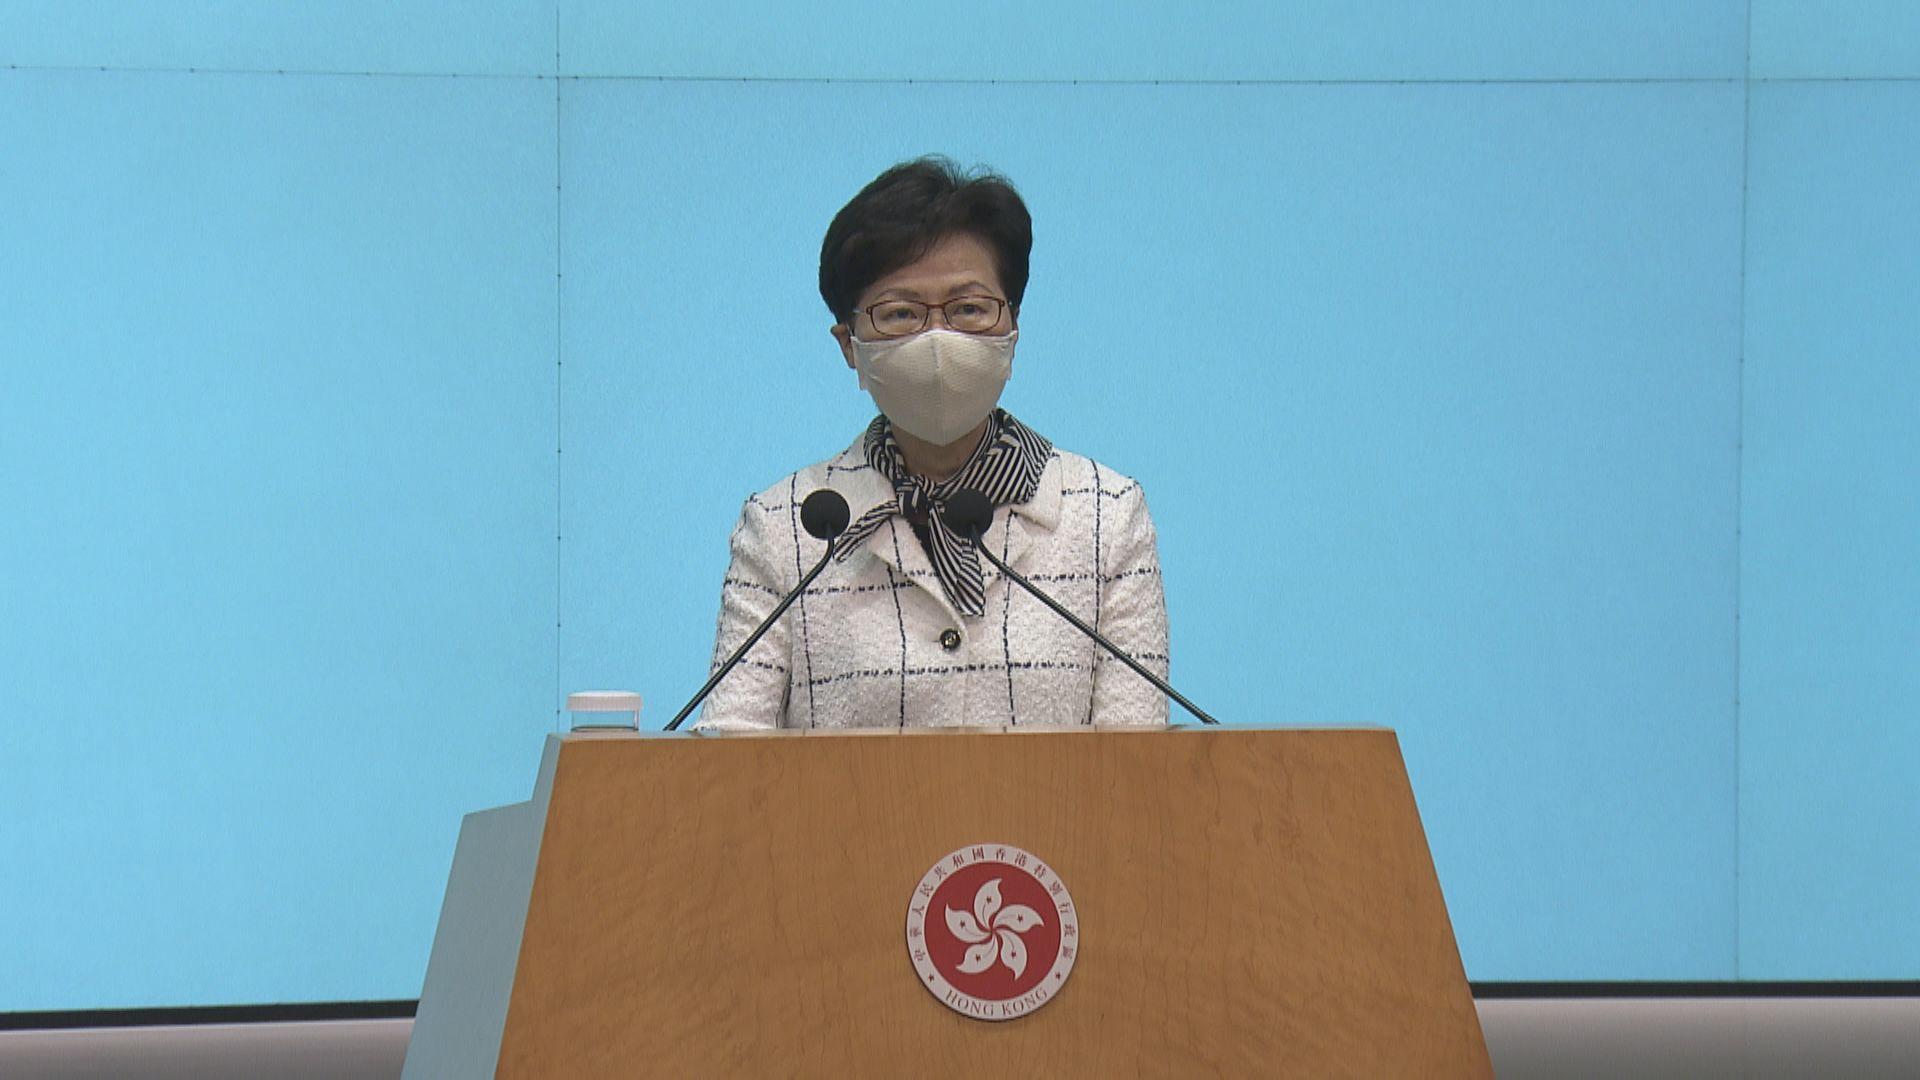 【足本】林鄭:香港無三權分立 三個機關各司其職互相制衡 經行政長官向中央負責